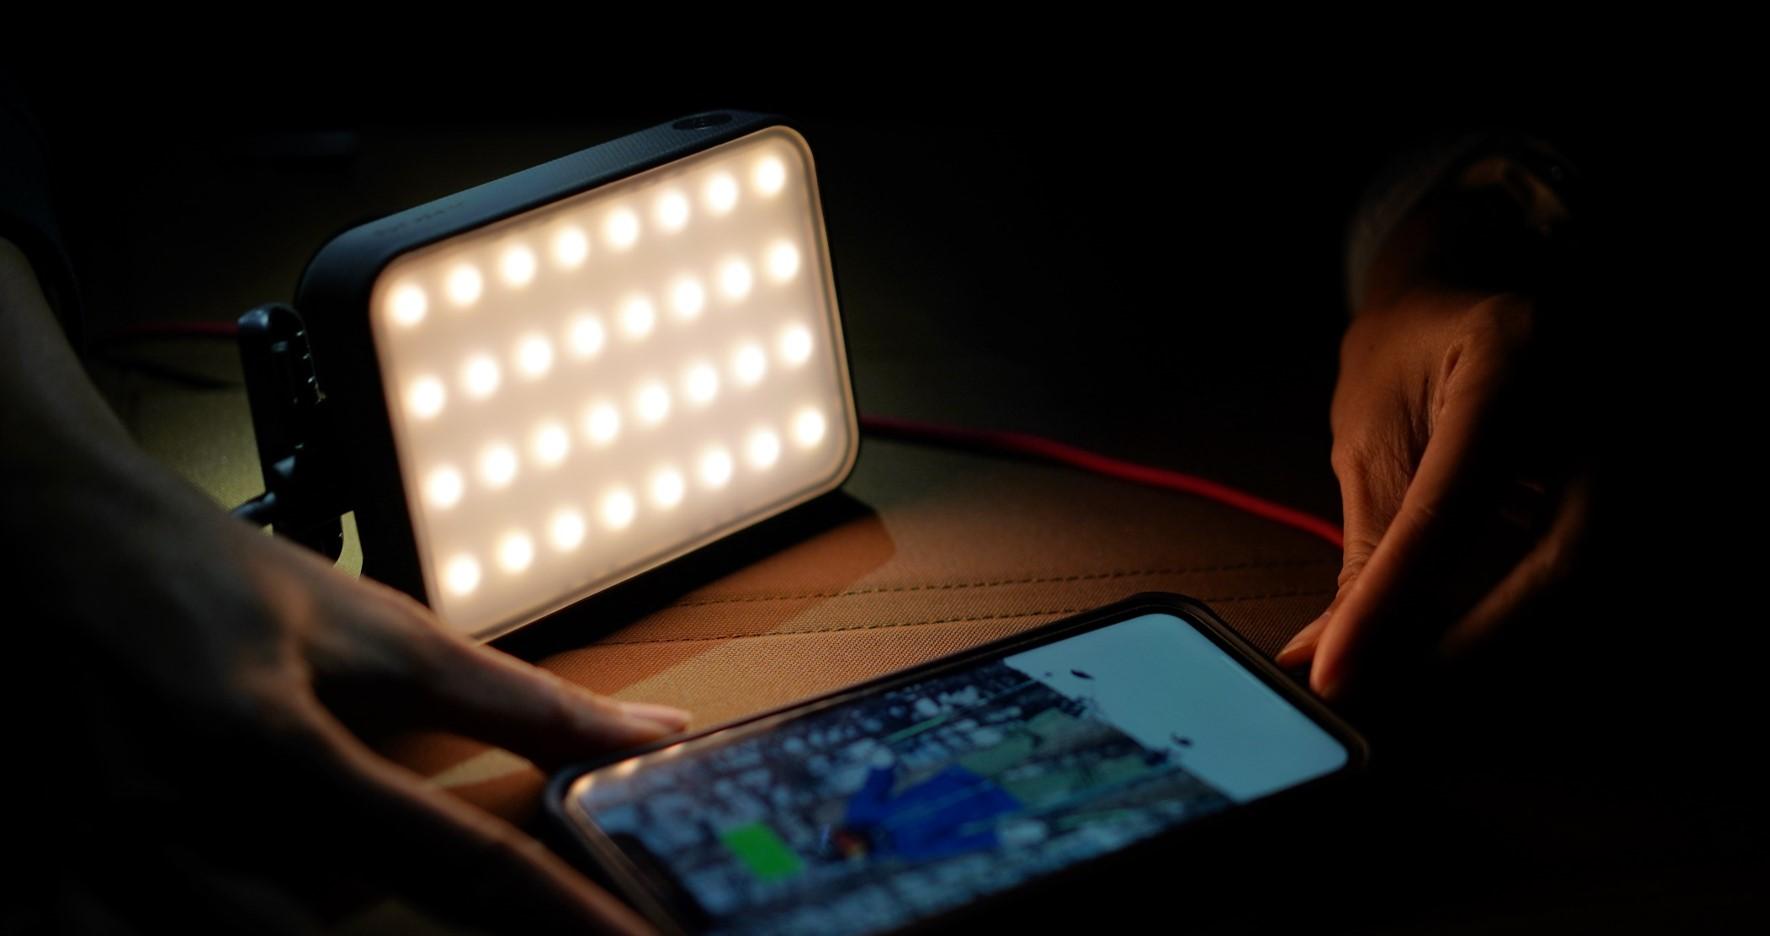 戶外探險家 TaiTai Live Wild 的 Sony LED 手提燈 CL-N810 初體驗